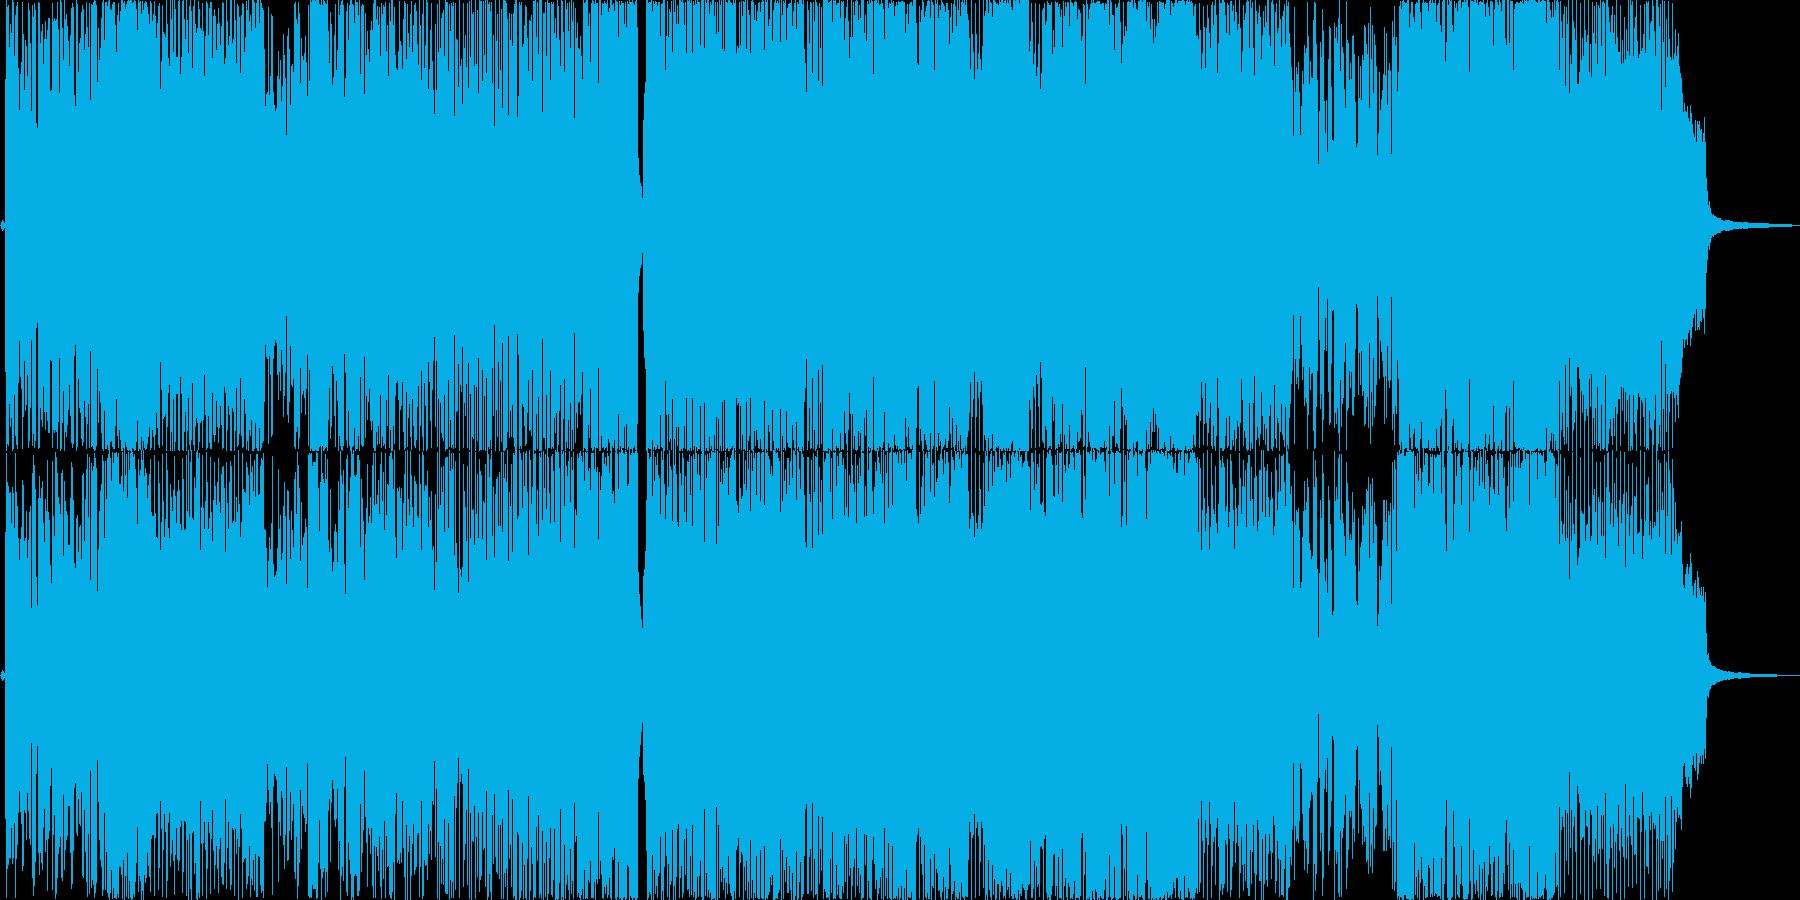 ポップで楽しげなアニソン風の歌もの曲の再生済みの波形